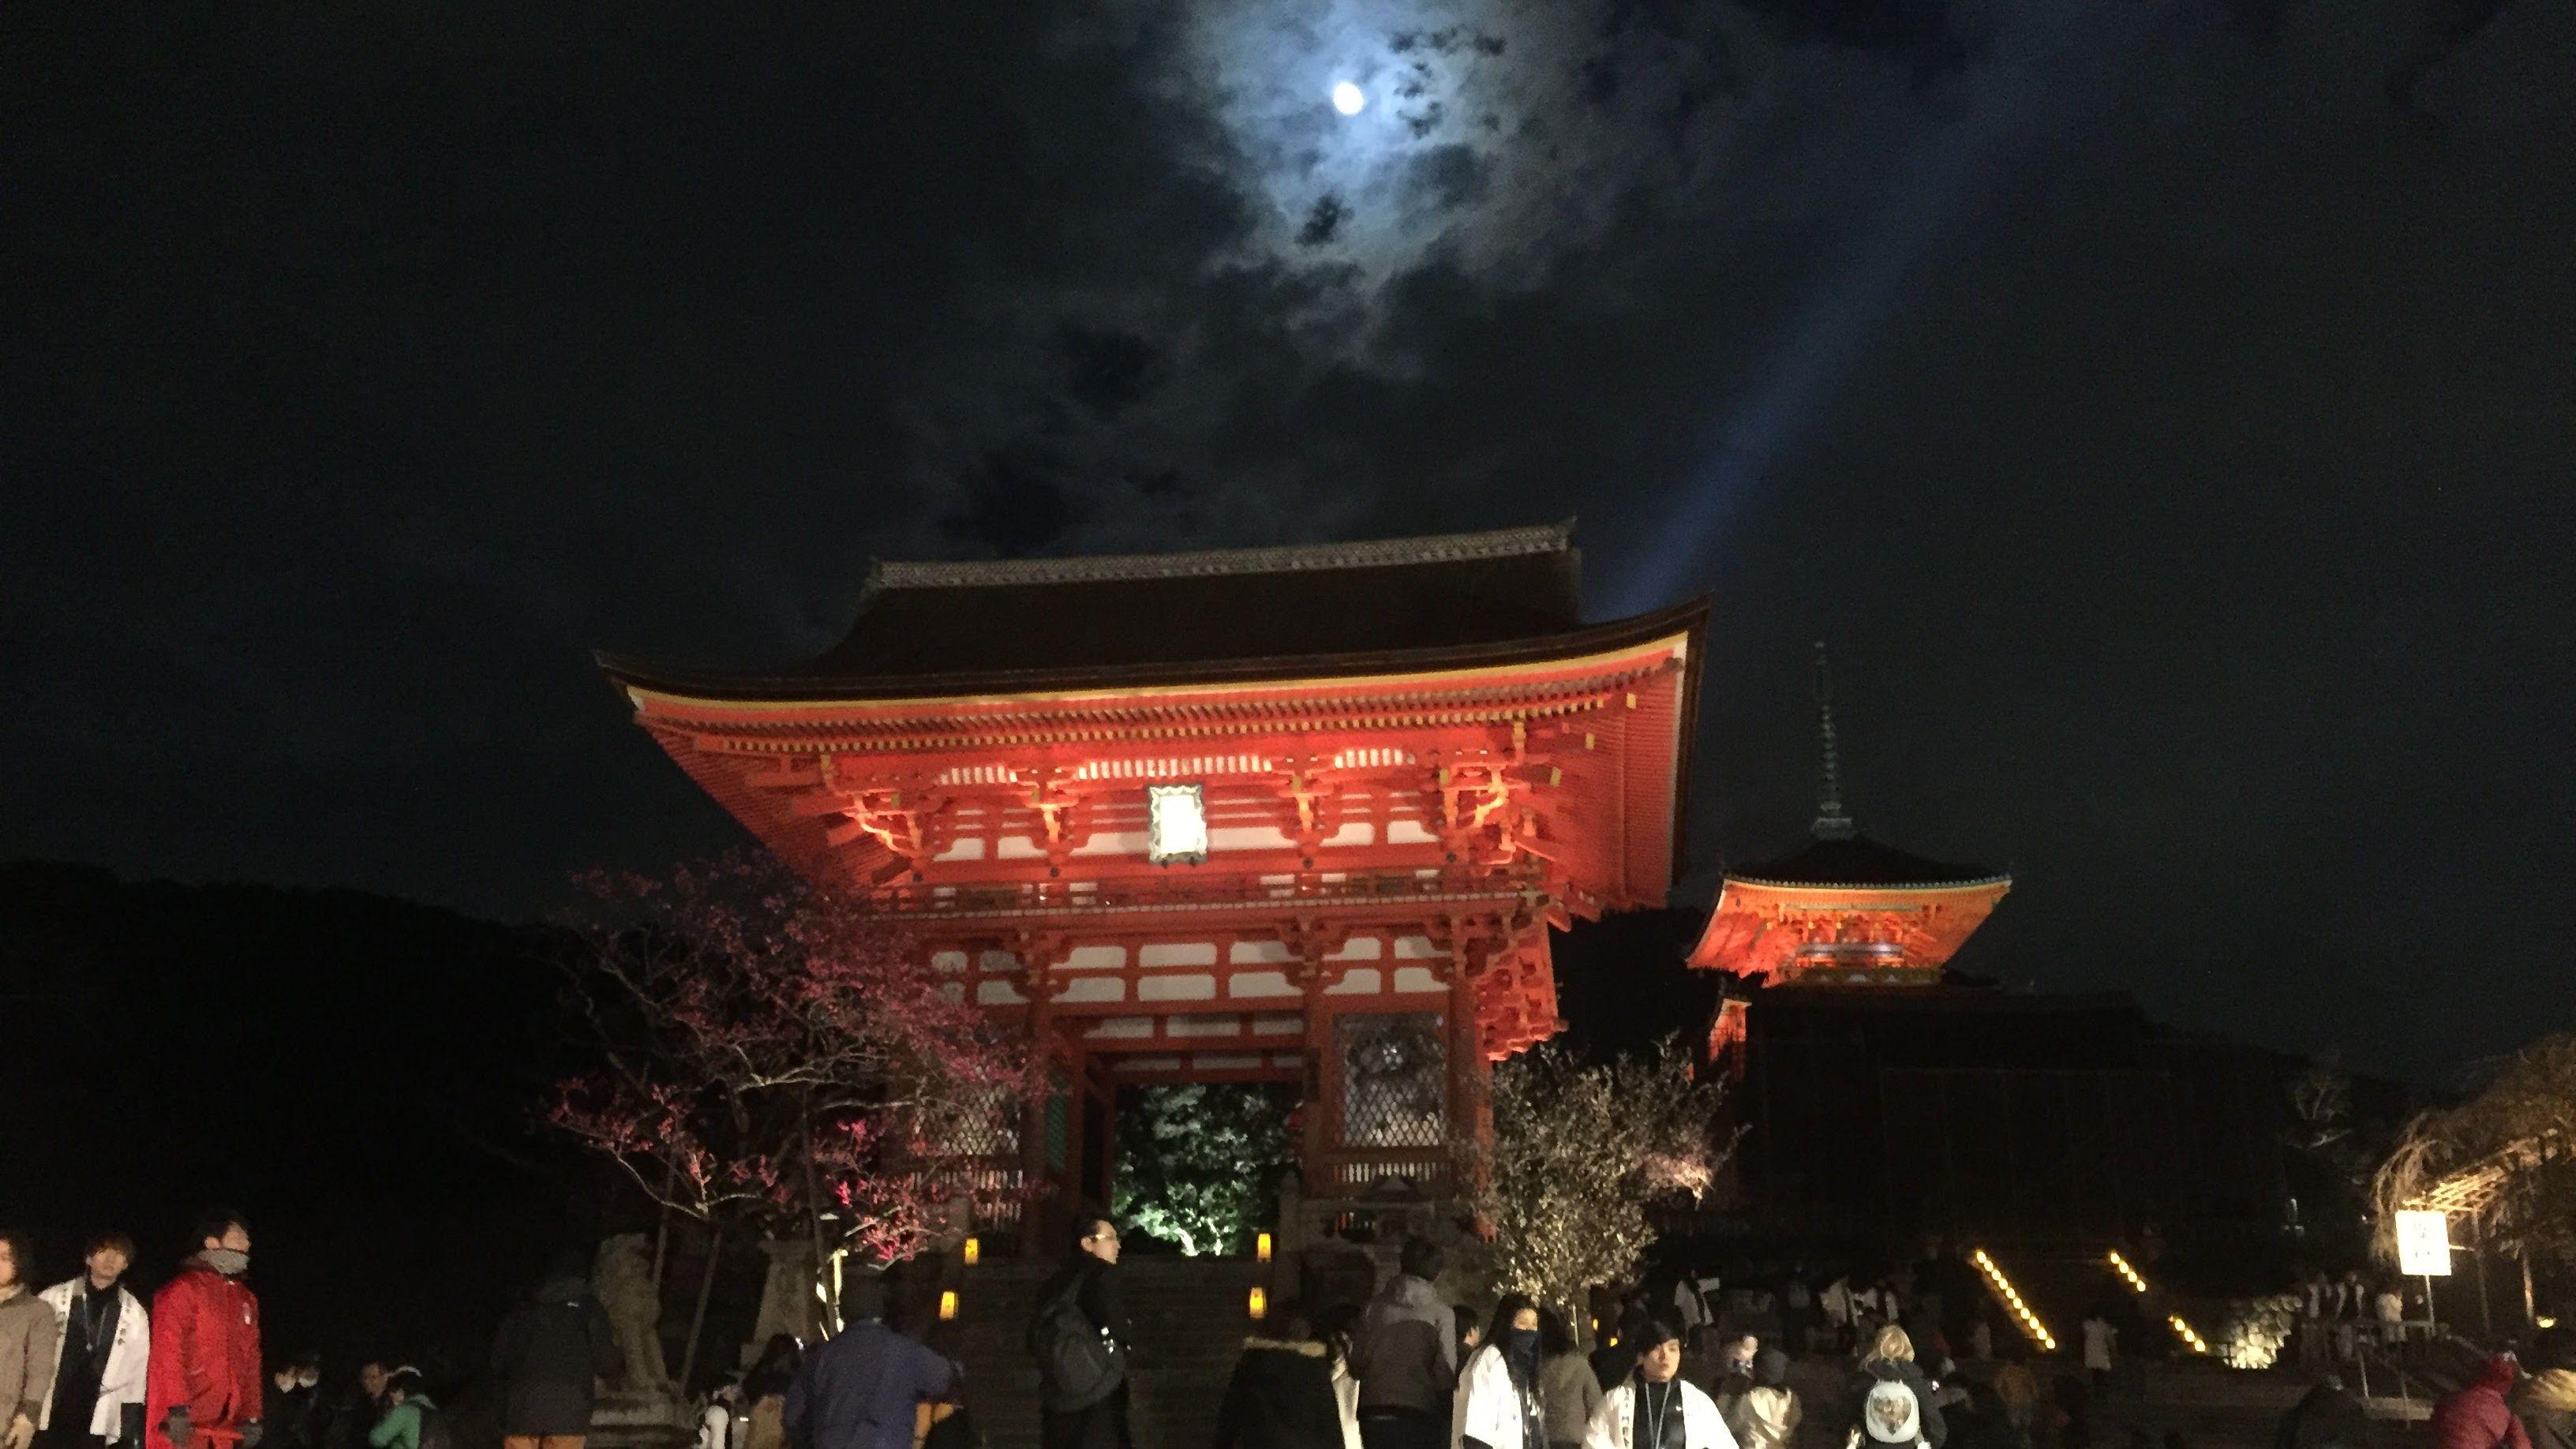 【夜の特別拝観】ライトアップされた清水寺は幻想的な空間だった。